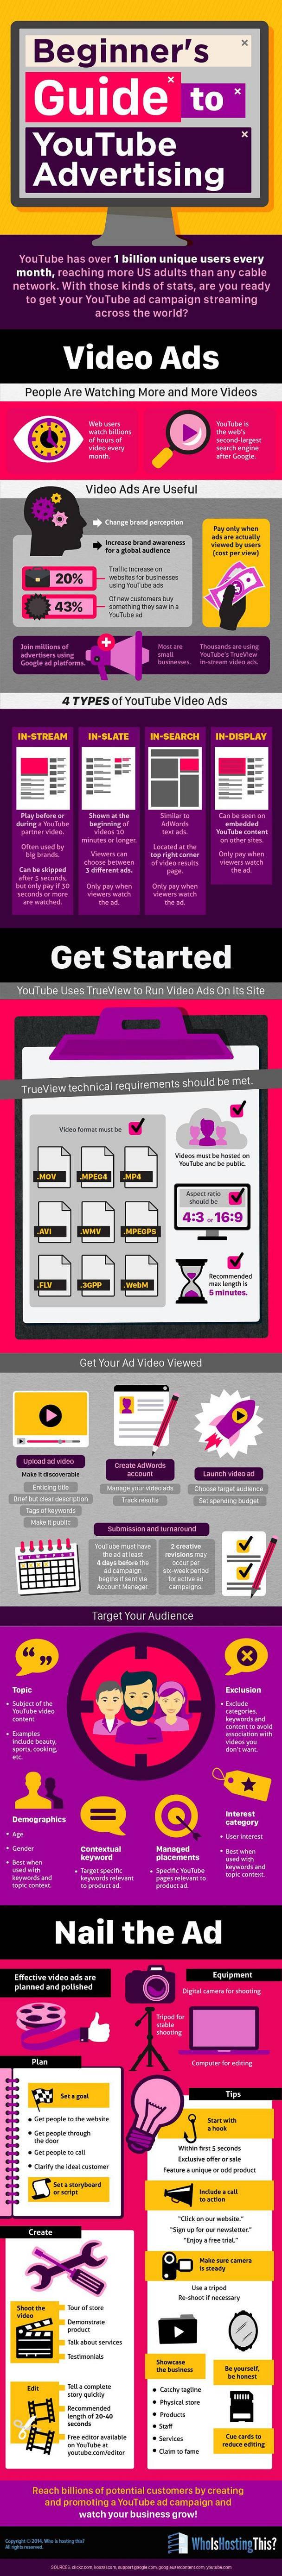 Preroll advertising infografía